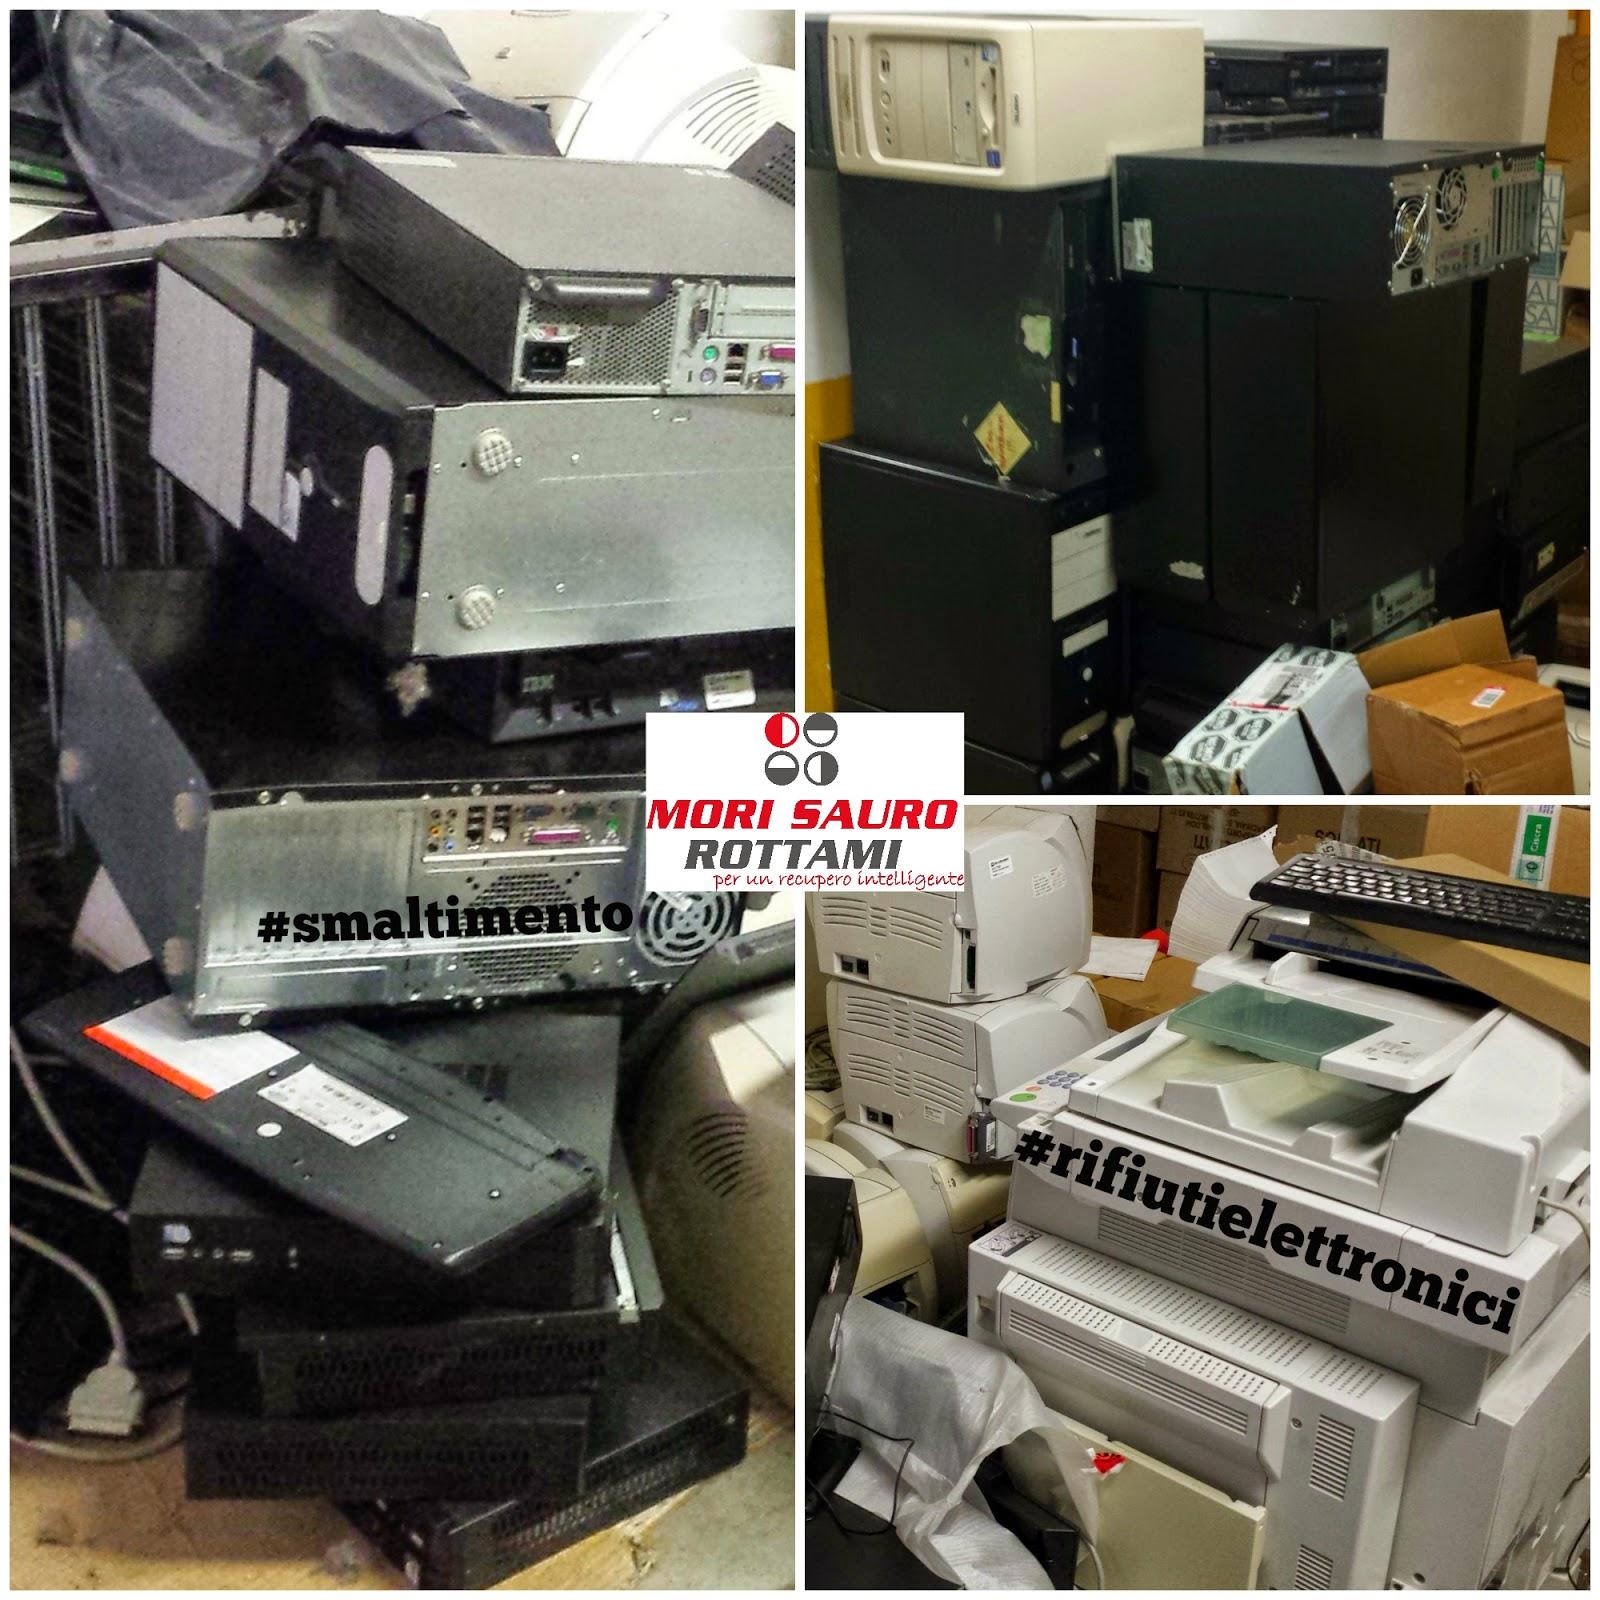 Dove portare computer vecchi - Lettera43